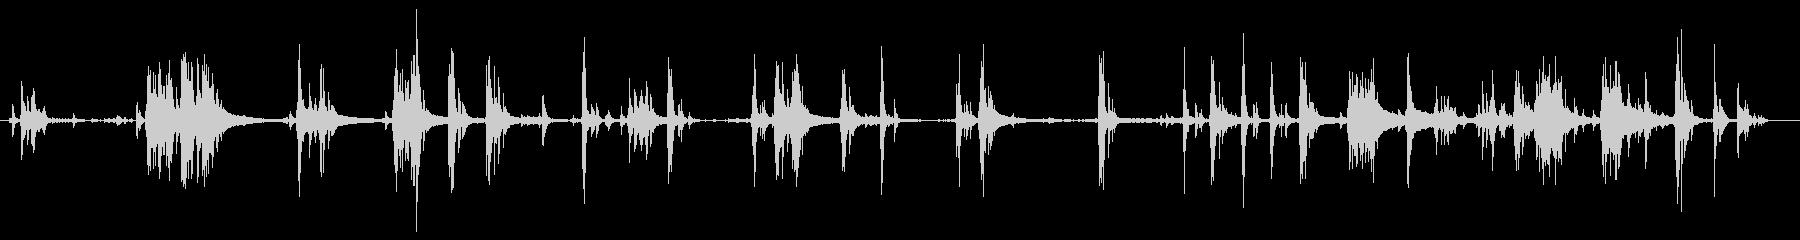 ピンボールマシン:ロングプレイ、ア...の未再生の波形